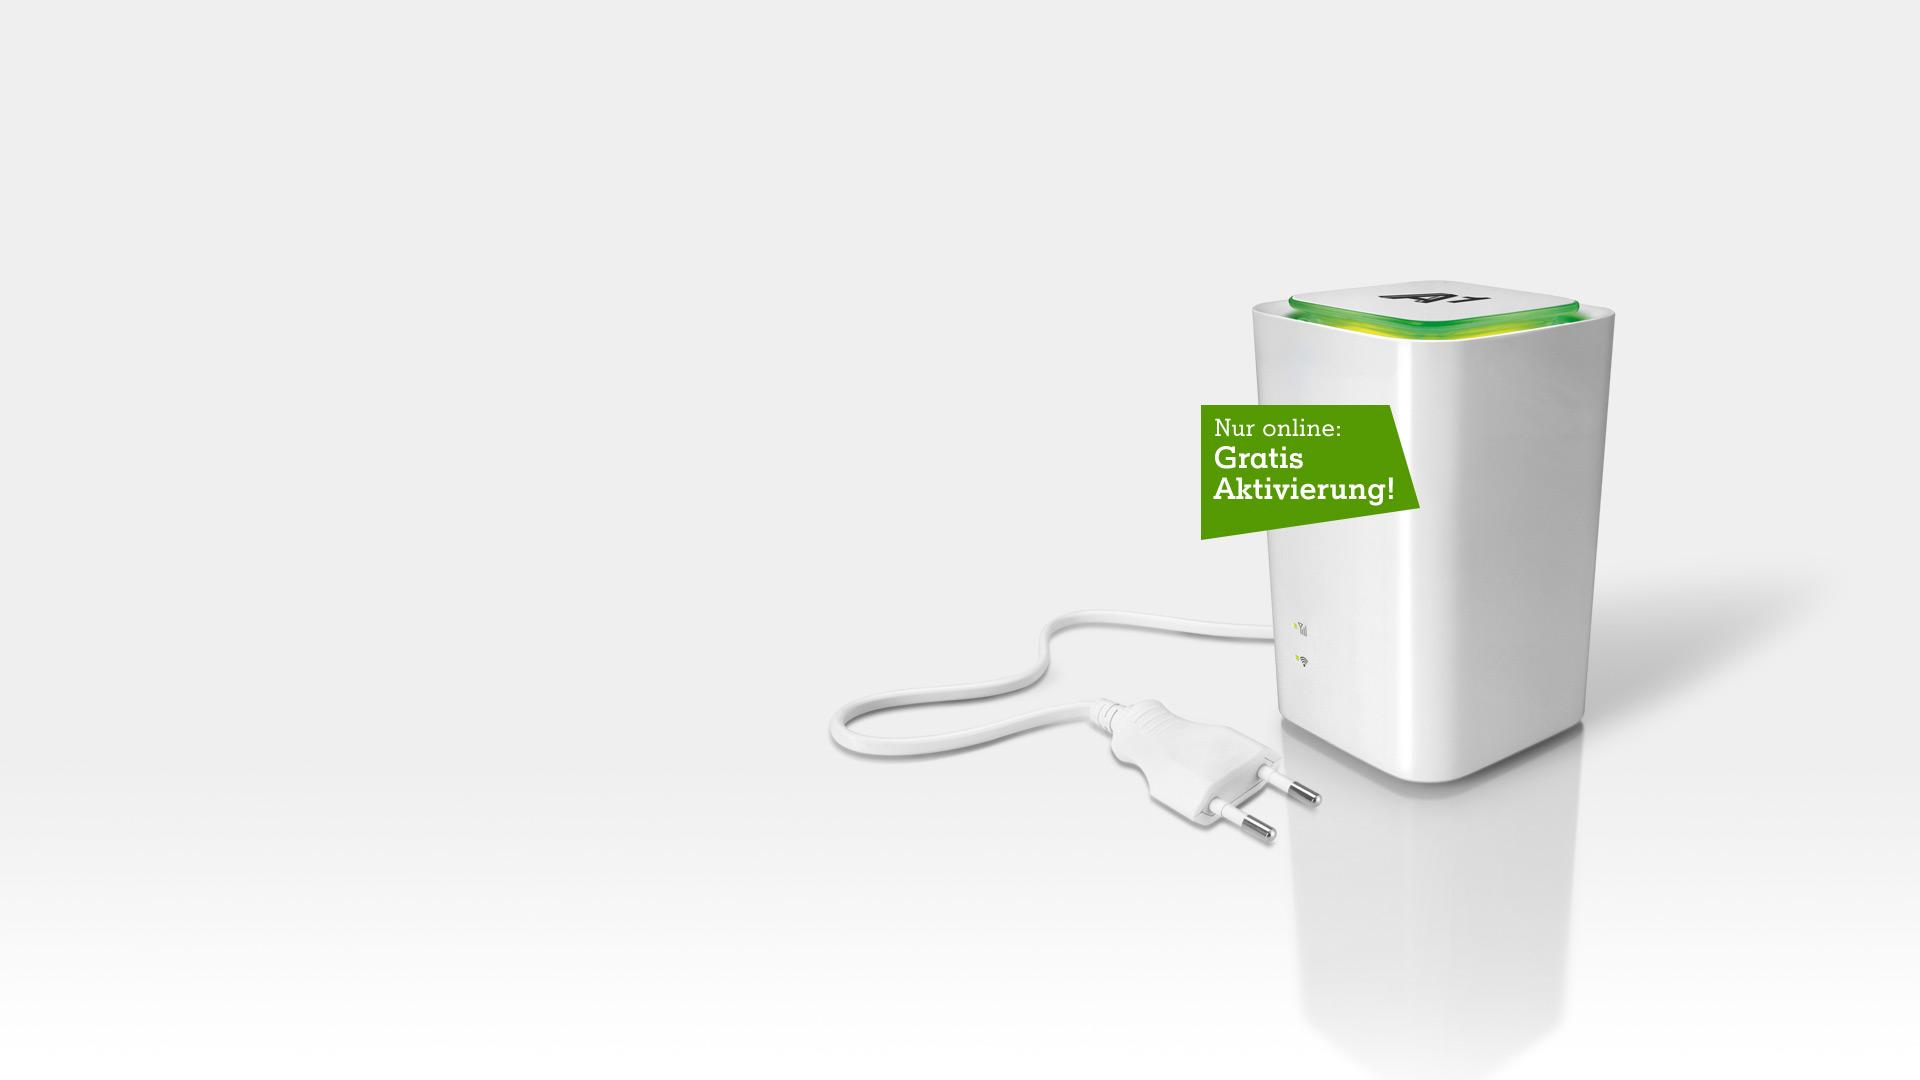 A1 Net Cube und Störer mit online Gratis Aktivierung